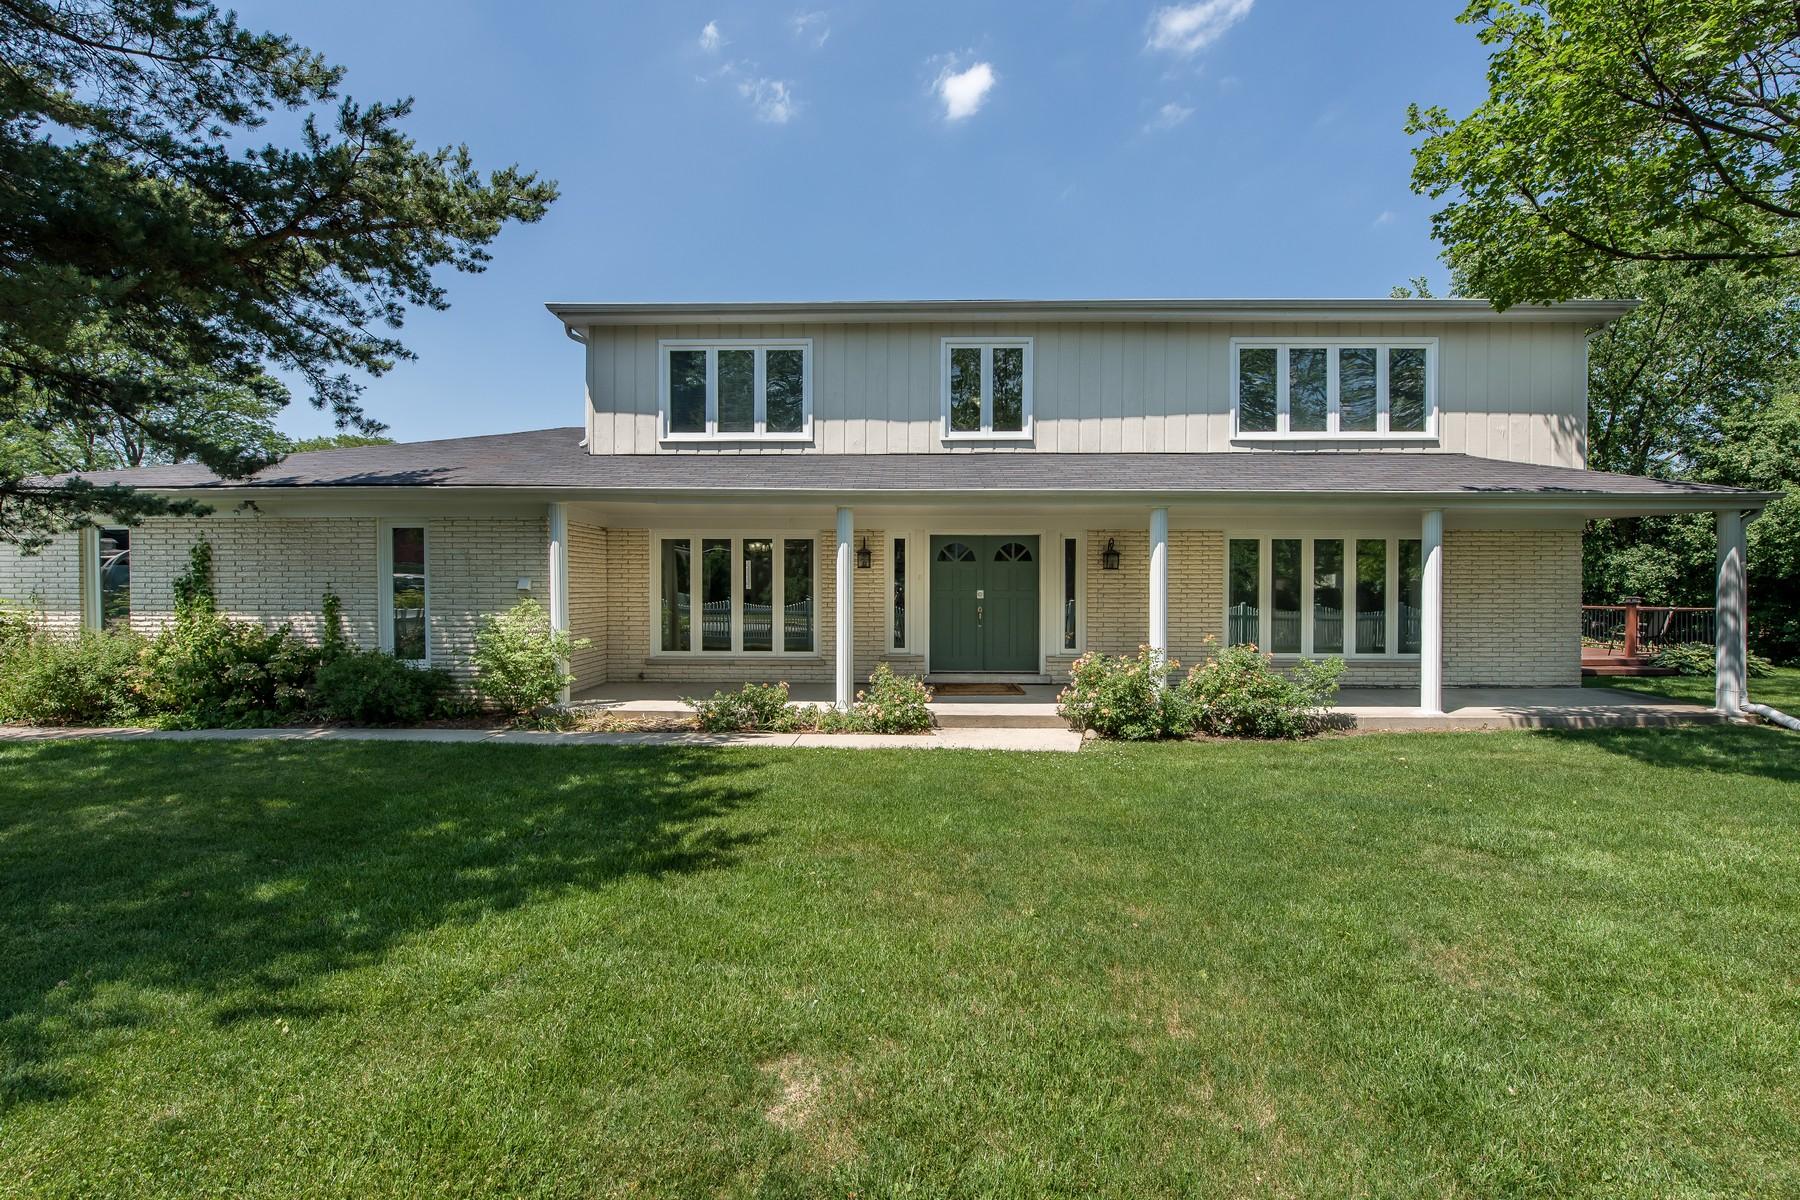 Villa per Vendita alle ore Spacious Two Story Home 2736 Glenview Road Glenview, Illinois, 60025 Stati Uniti